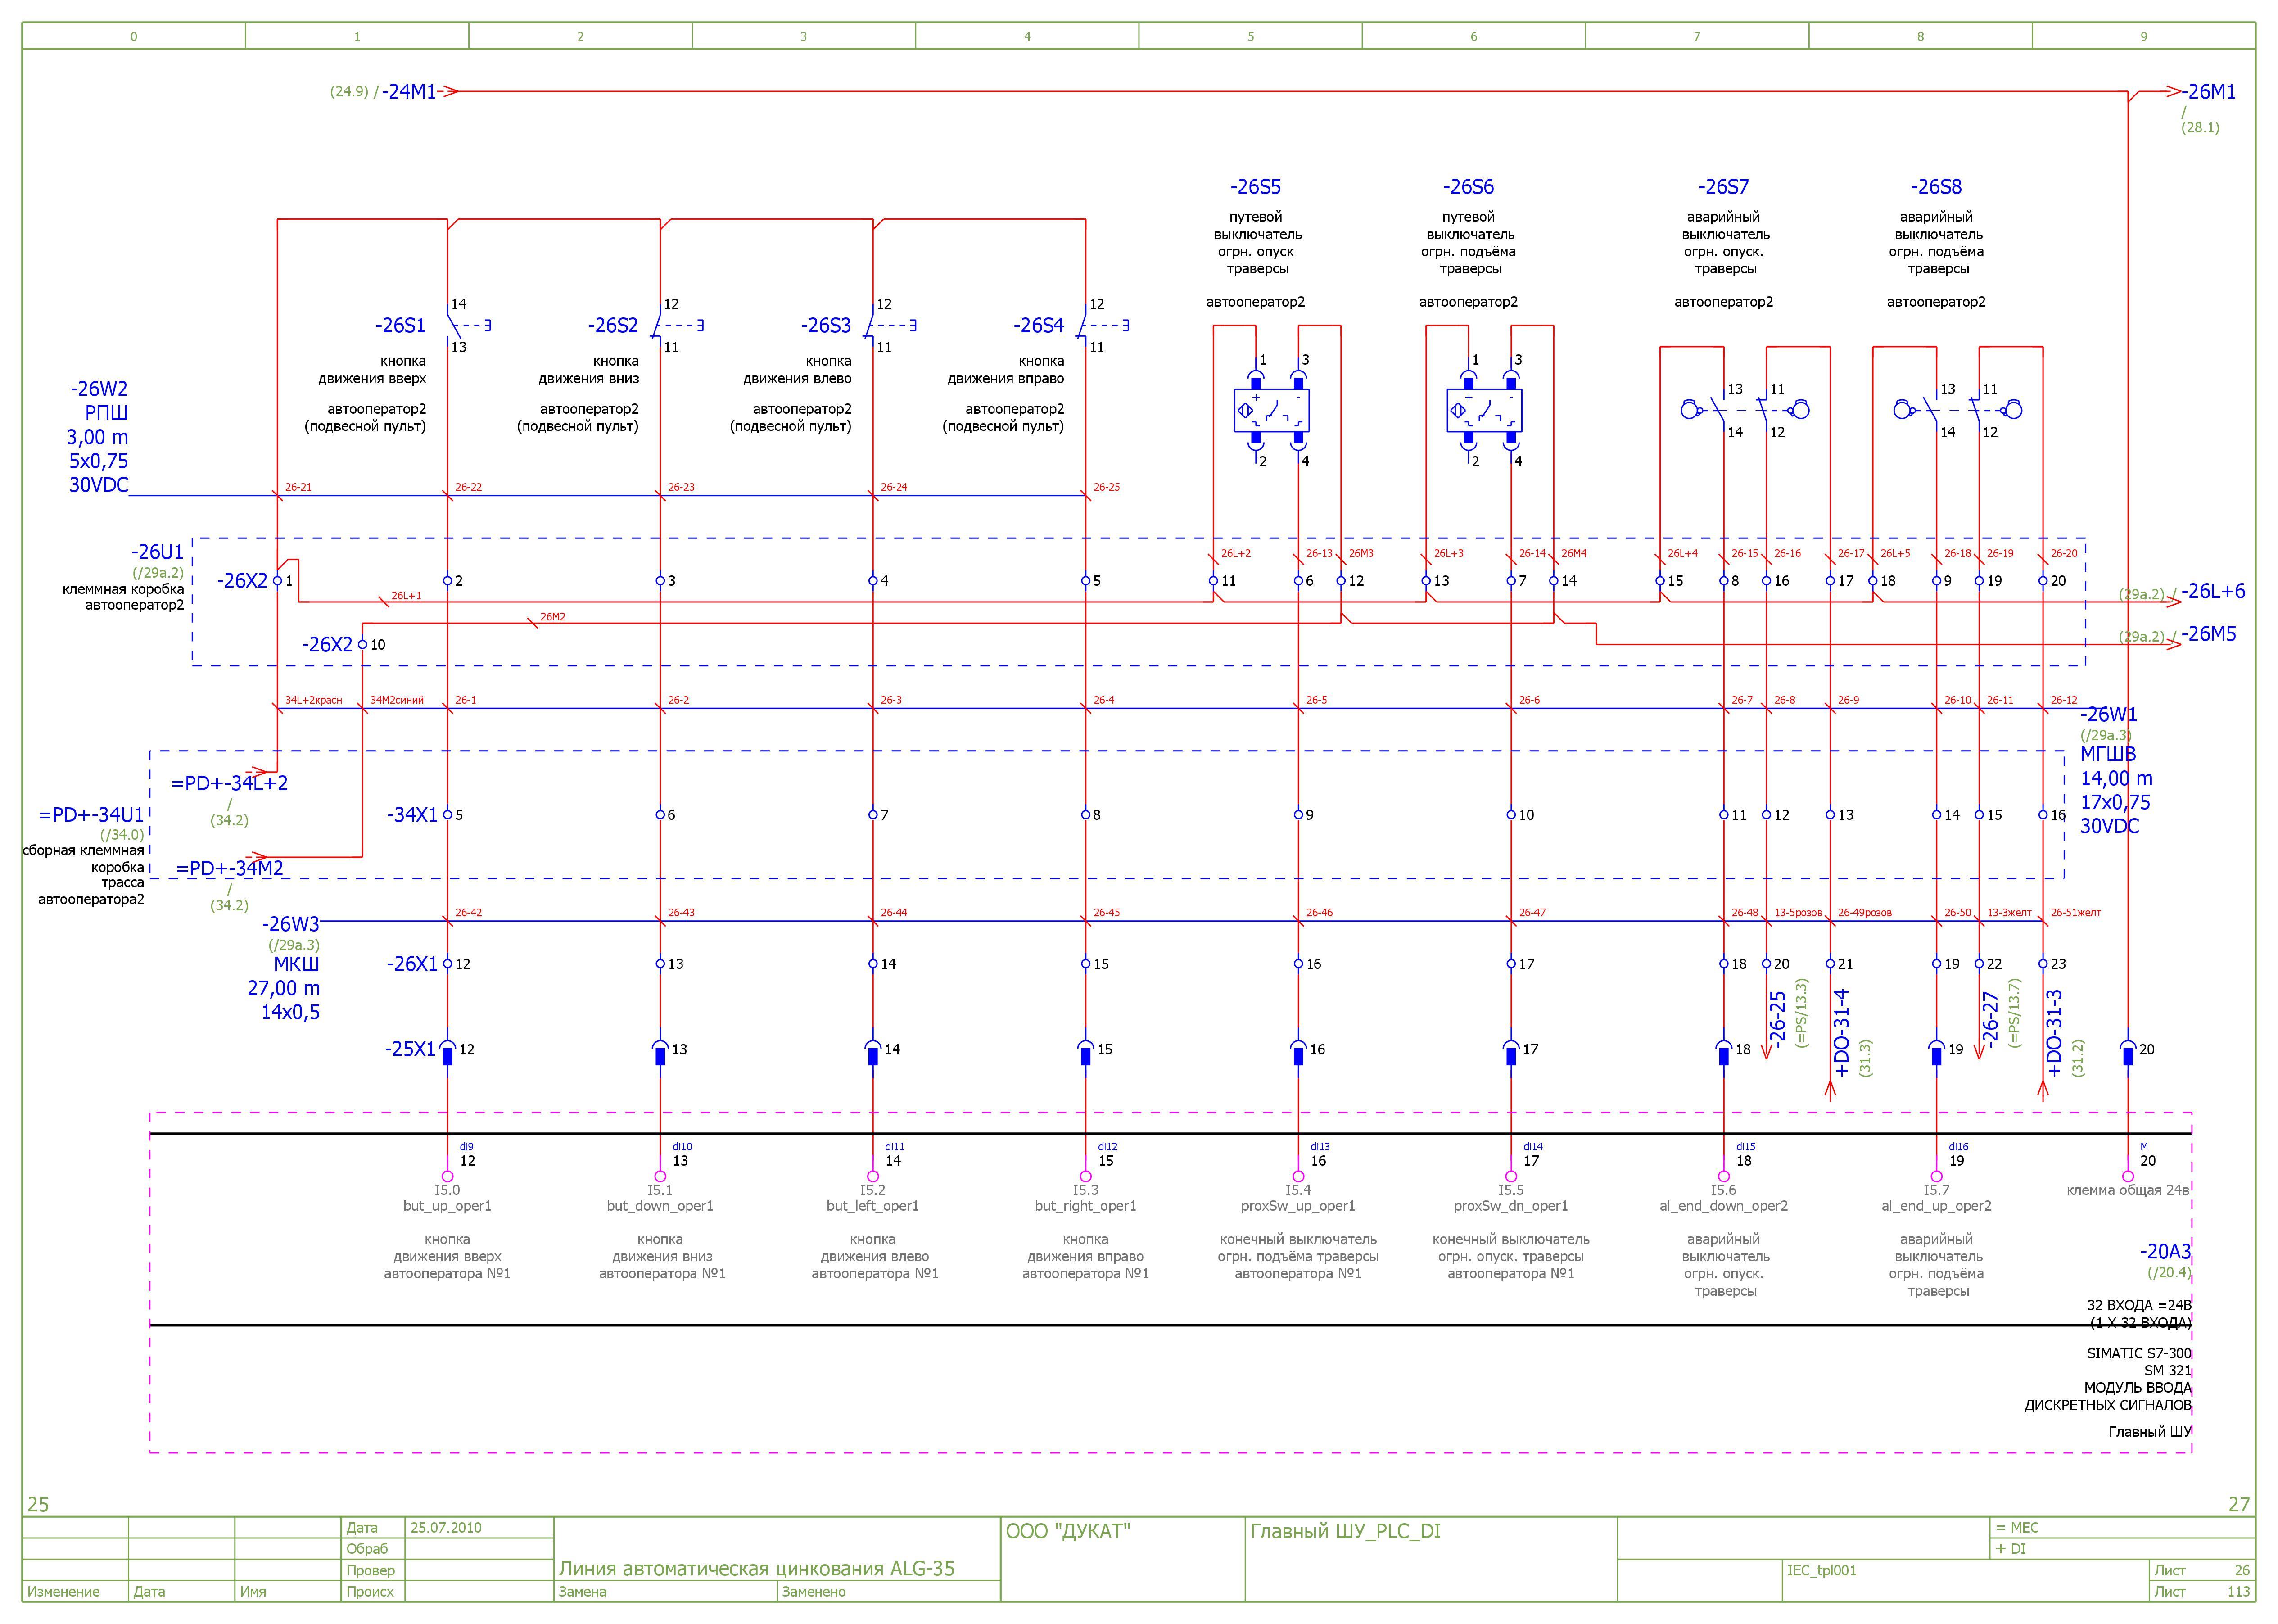 Линия гальваники от проекта до запуска(сейчас в эксплуатации)